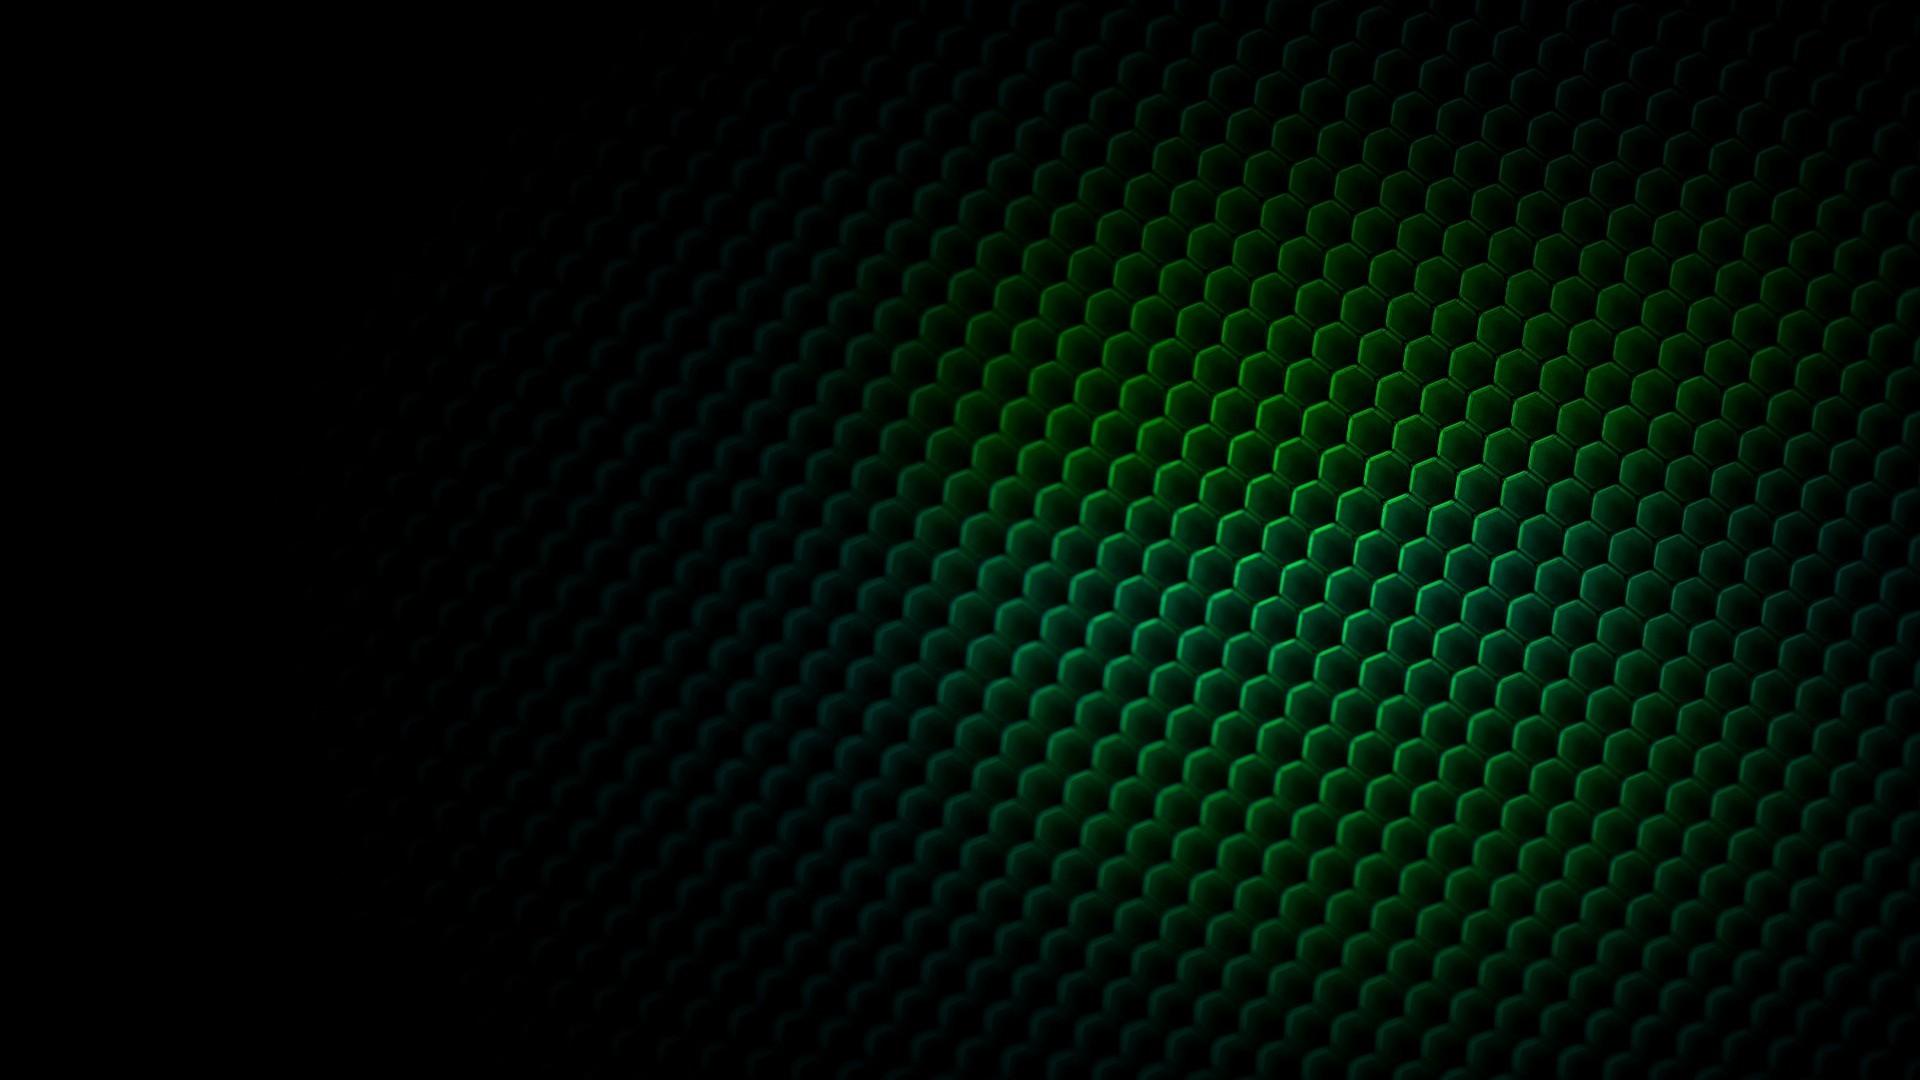 Dark Green Wallpaper (78+ pictures)